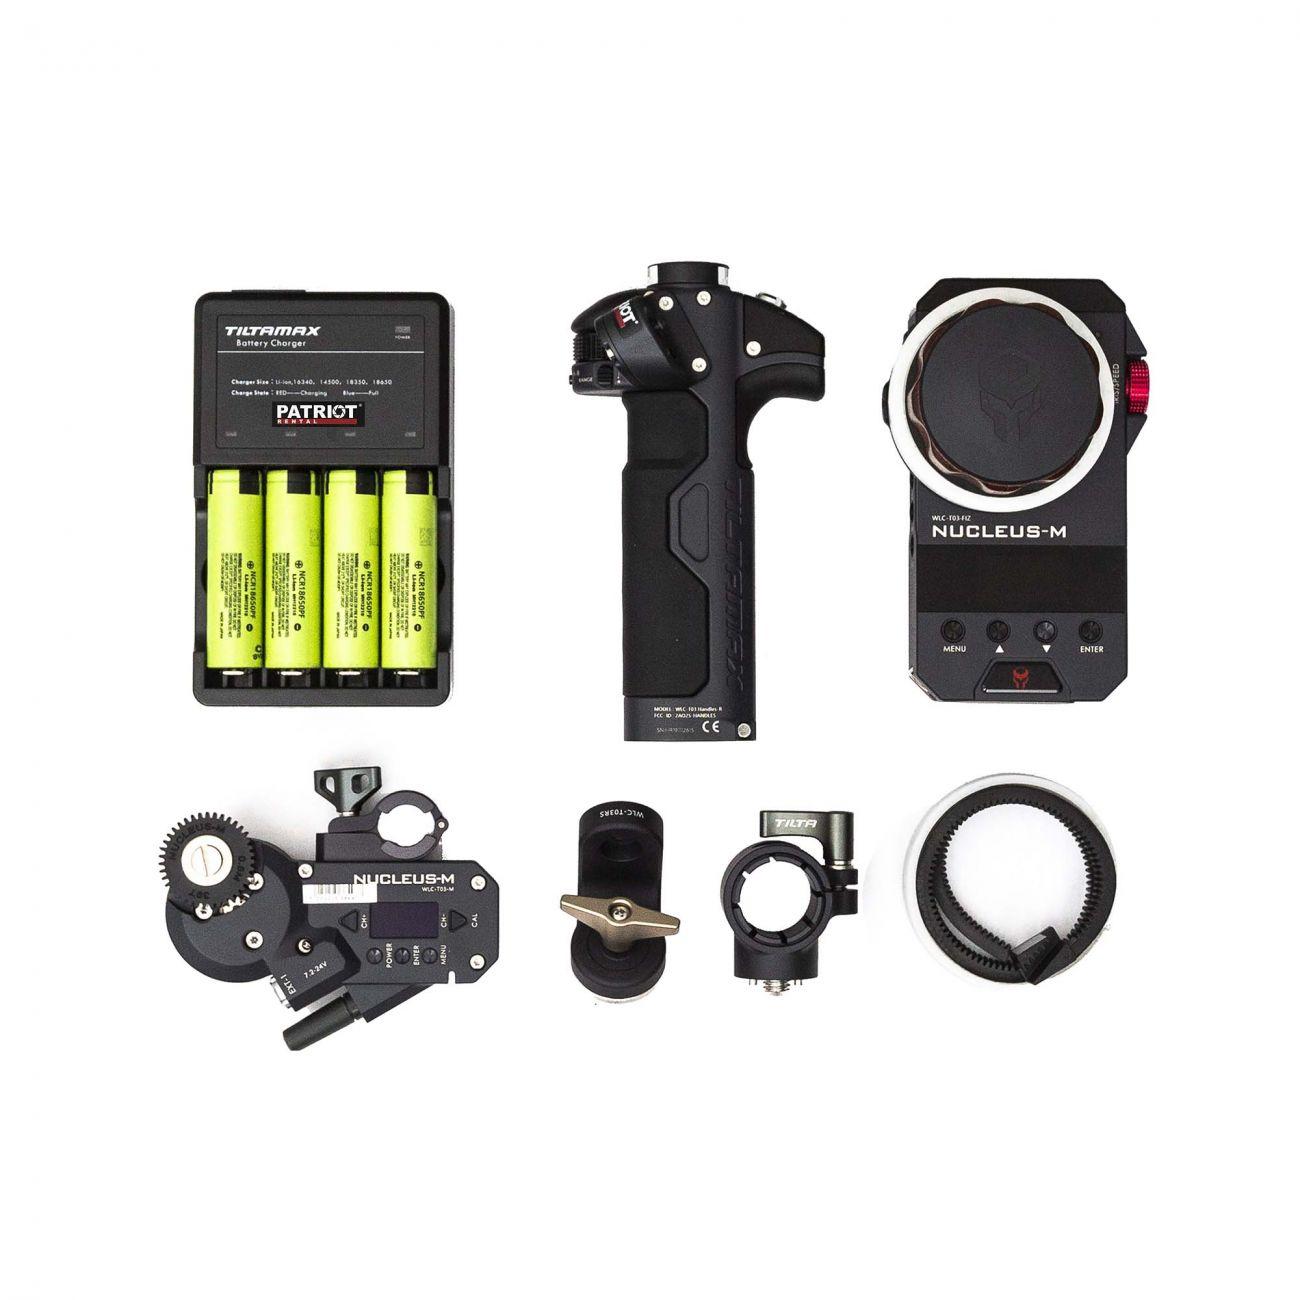 Wireless Focus Control NUCLEUS-M WLC-T03 1 motor